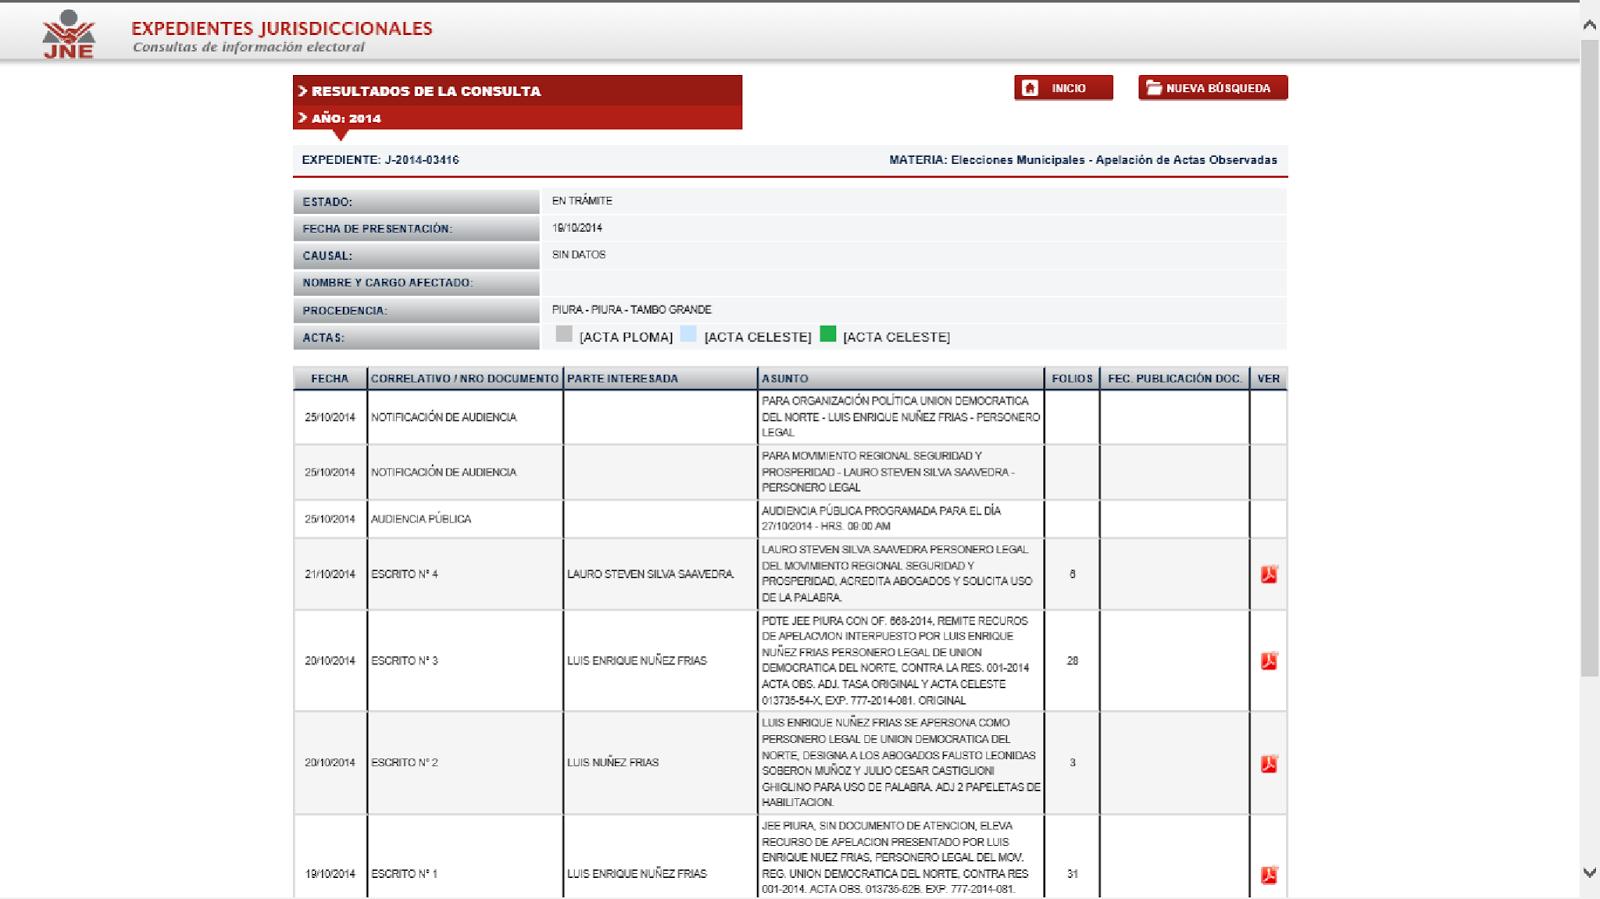 web de jurado nacional de elecciones: